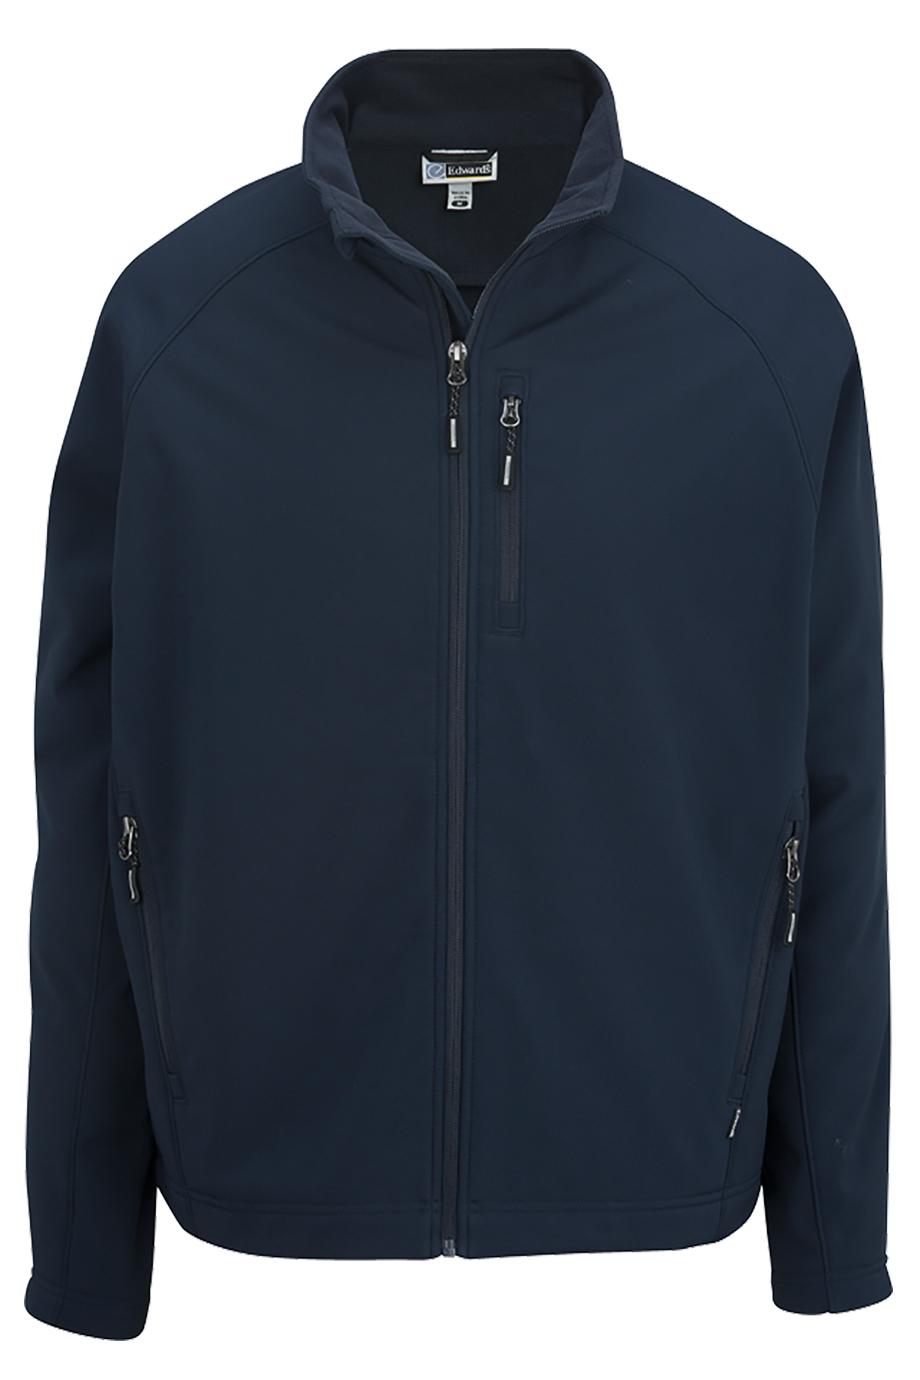 Edwards Mens Soft Shell Jacket-Edwards